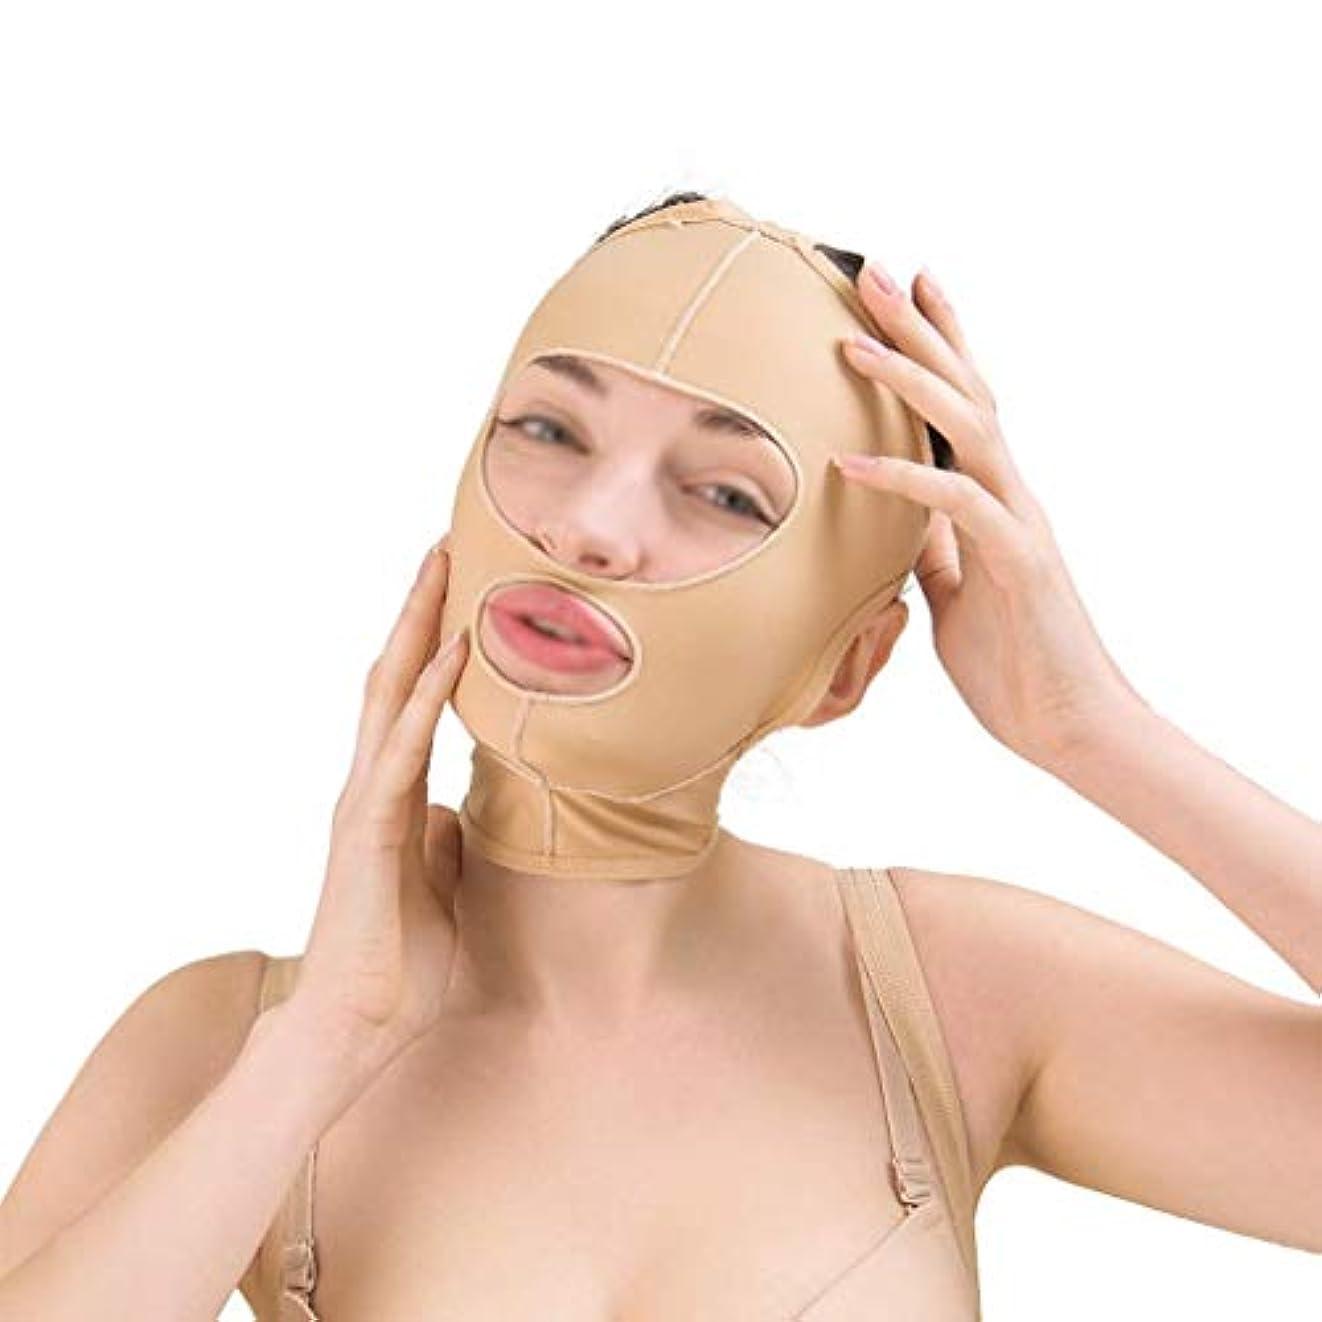 商品深めるスラッシュ美容フェイスリフト減量ベルト、ほおスリムフィット、通気性フェイスリフト、引き締め、リフティング包帯、フェイシャルスキン包帯(サイズ:M),S